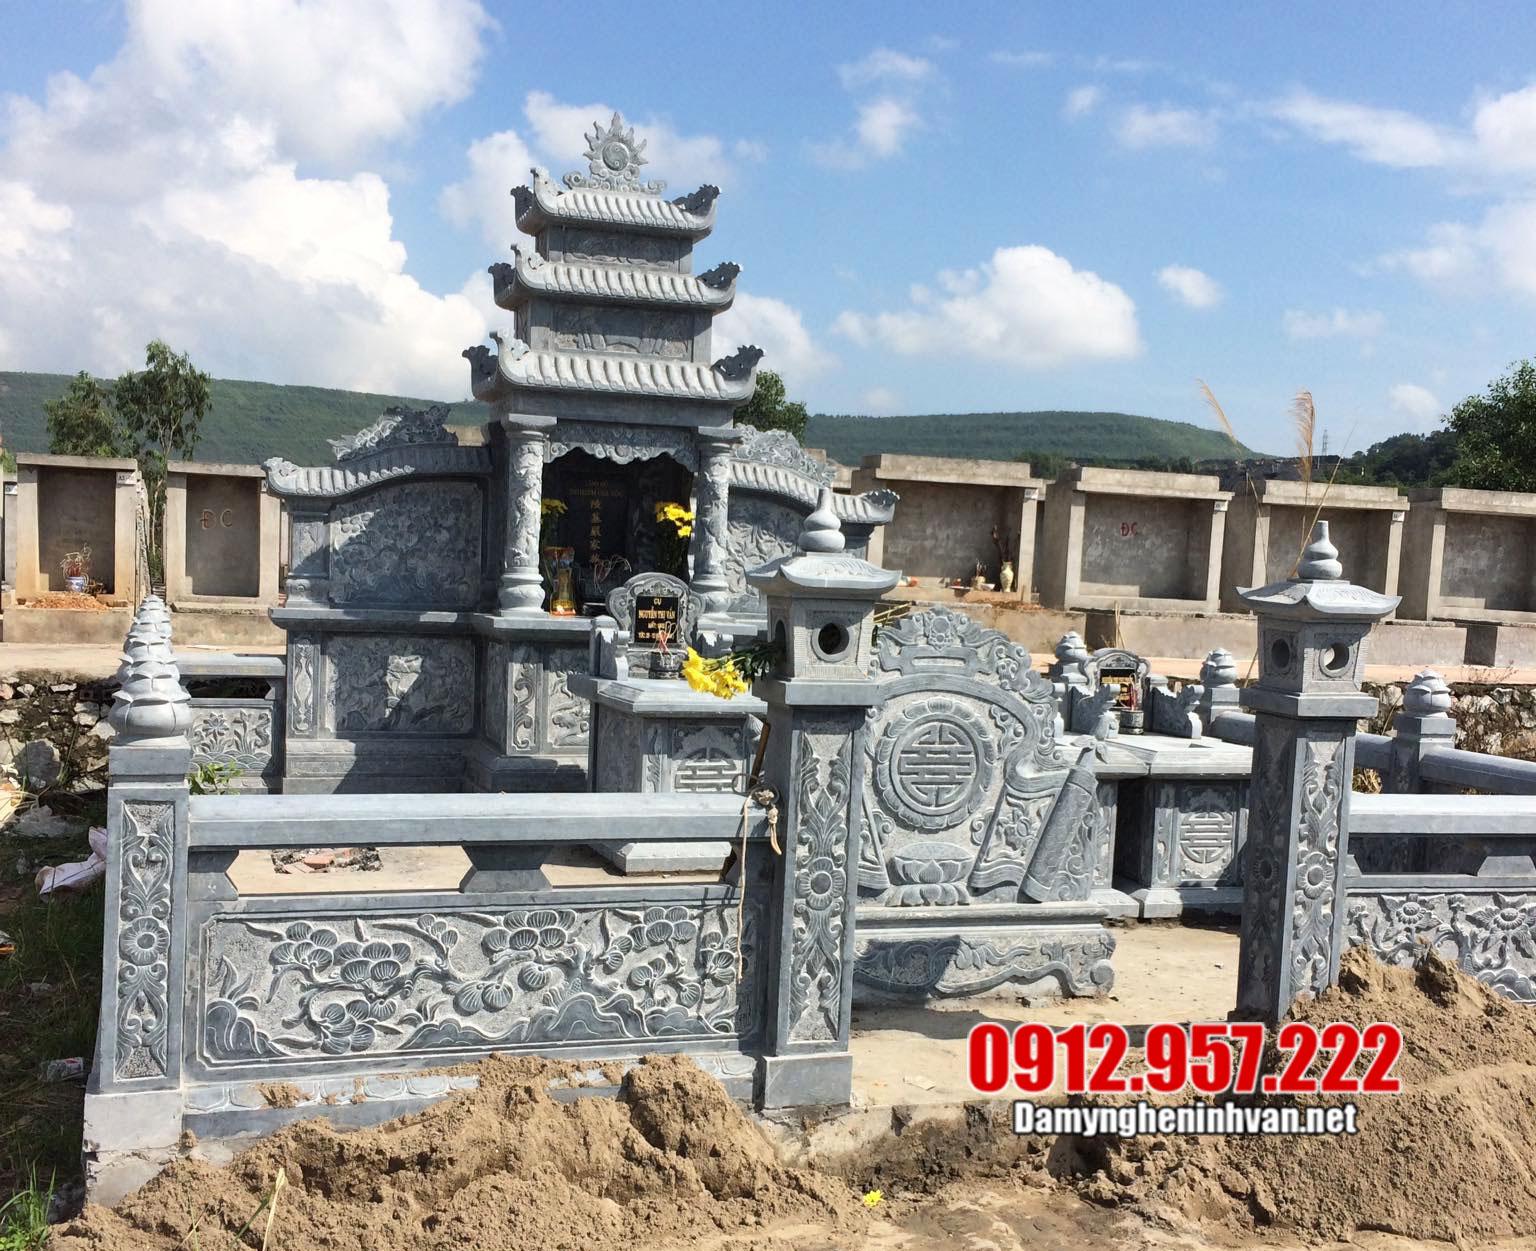 Thiết kế khu lăng mộ đẹp ở Đắk Lắk